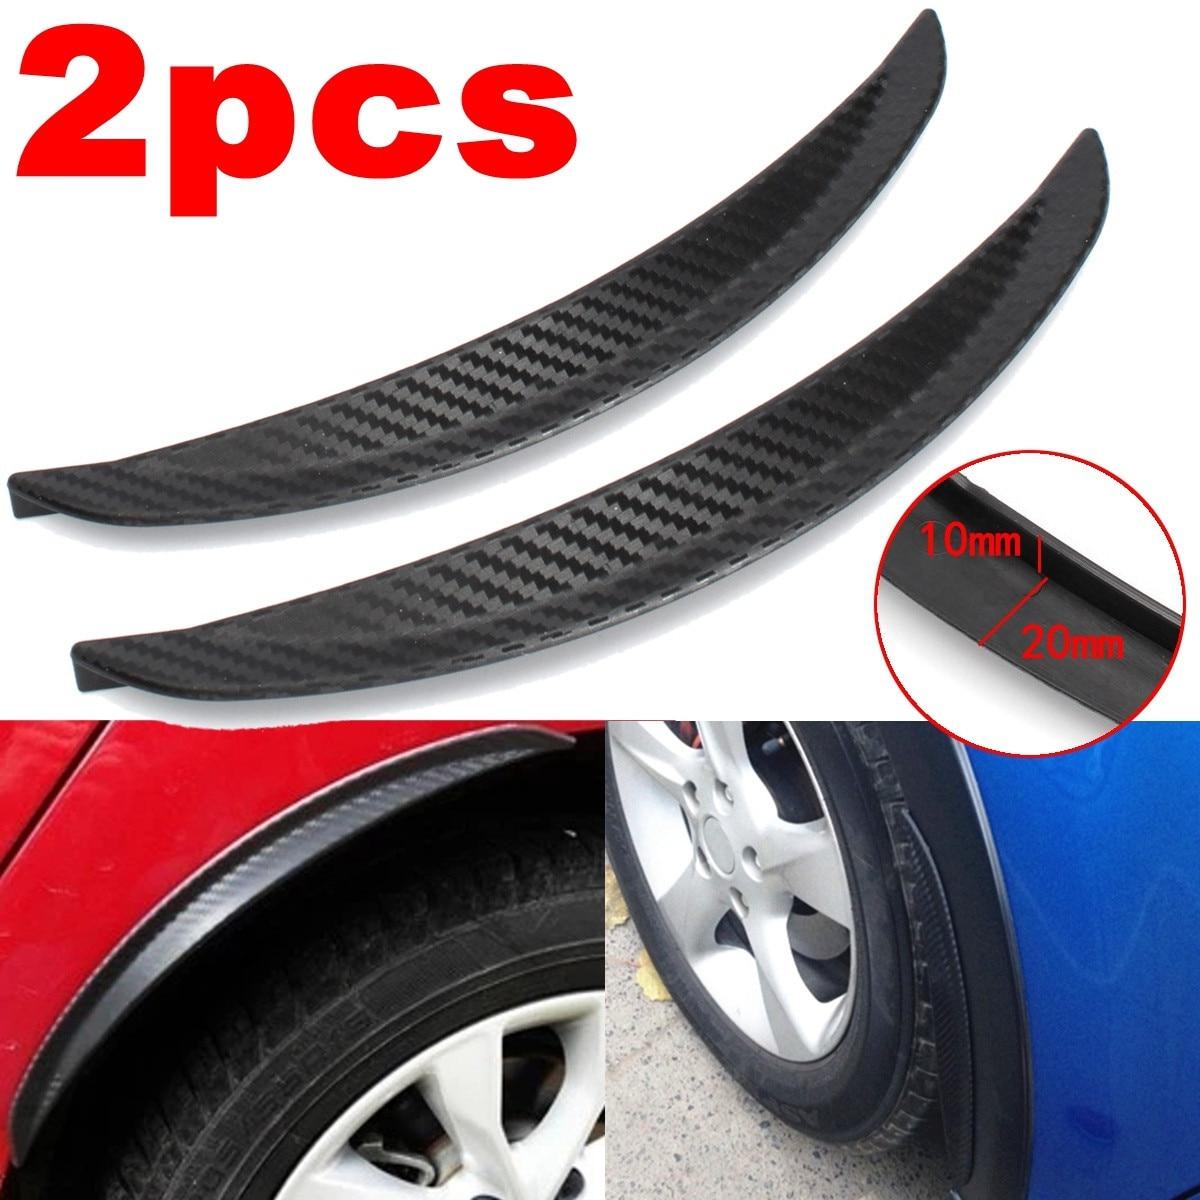 2 pièces 24.5cm universel voiture en Fiber de carbone garde-boue garde-boue anti-éclaboussures arc roue sourcil lèvre pour voiture camion SUV